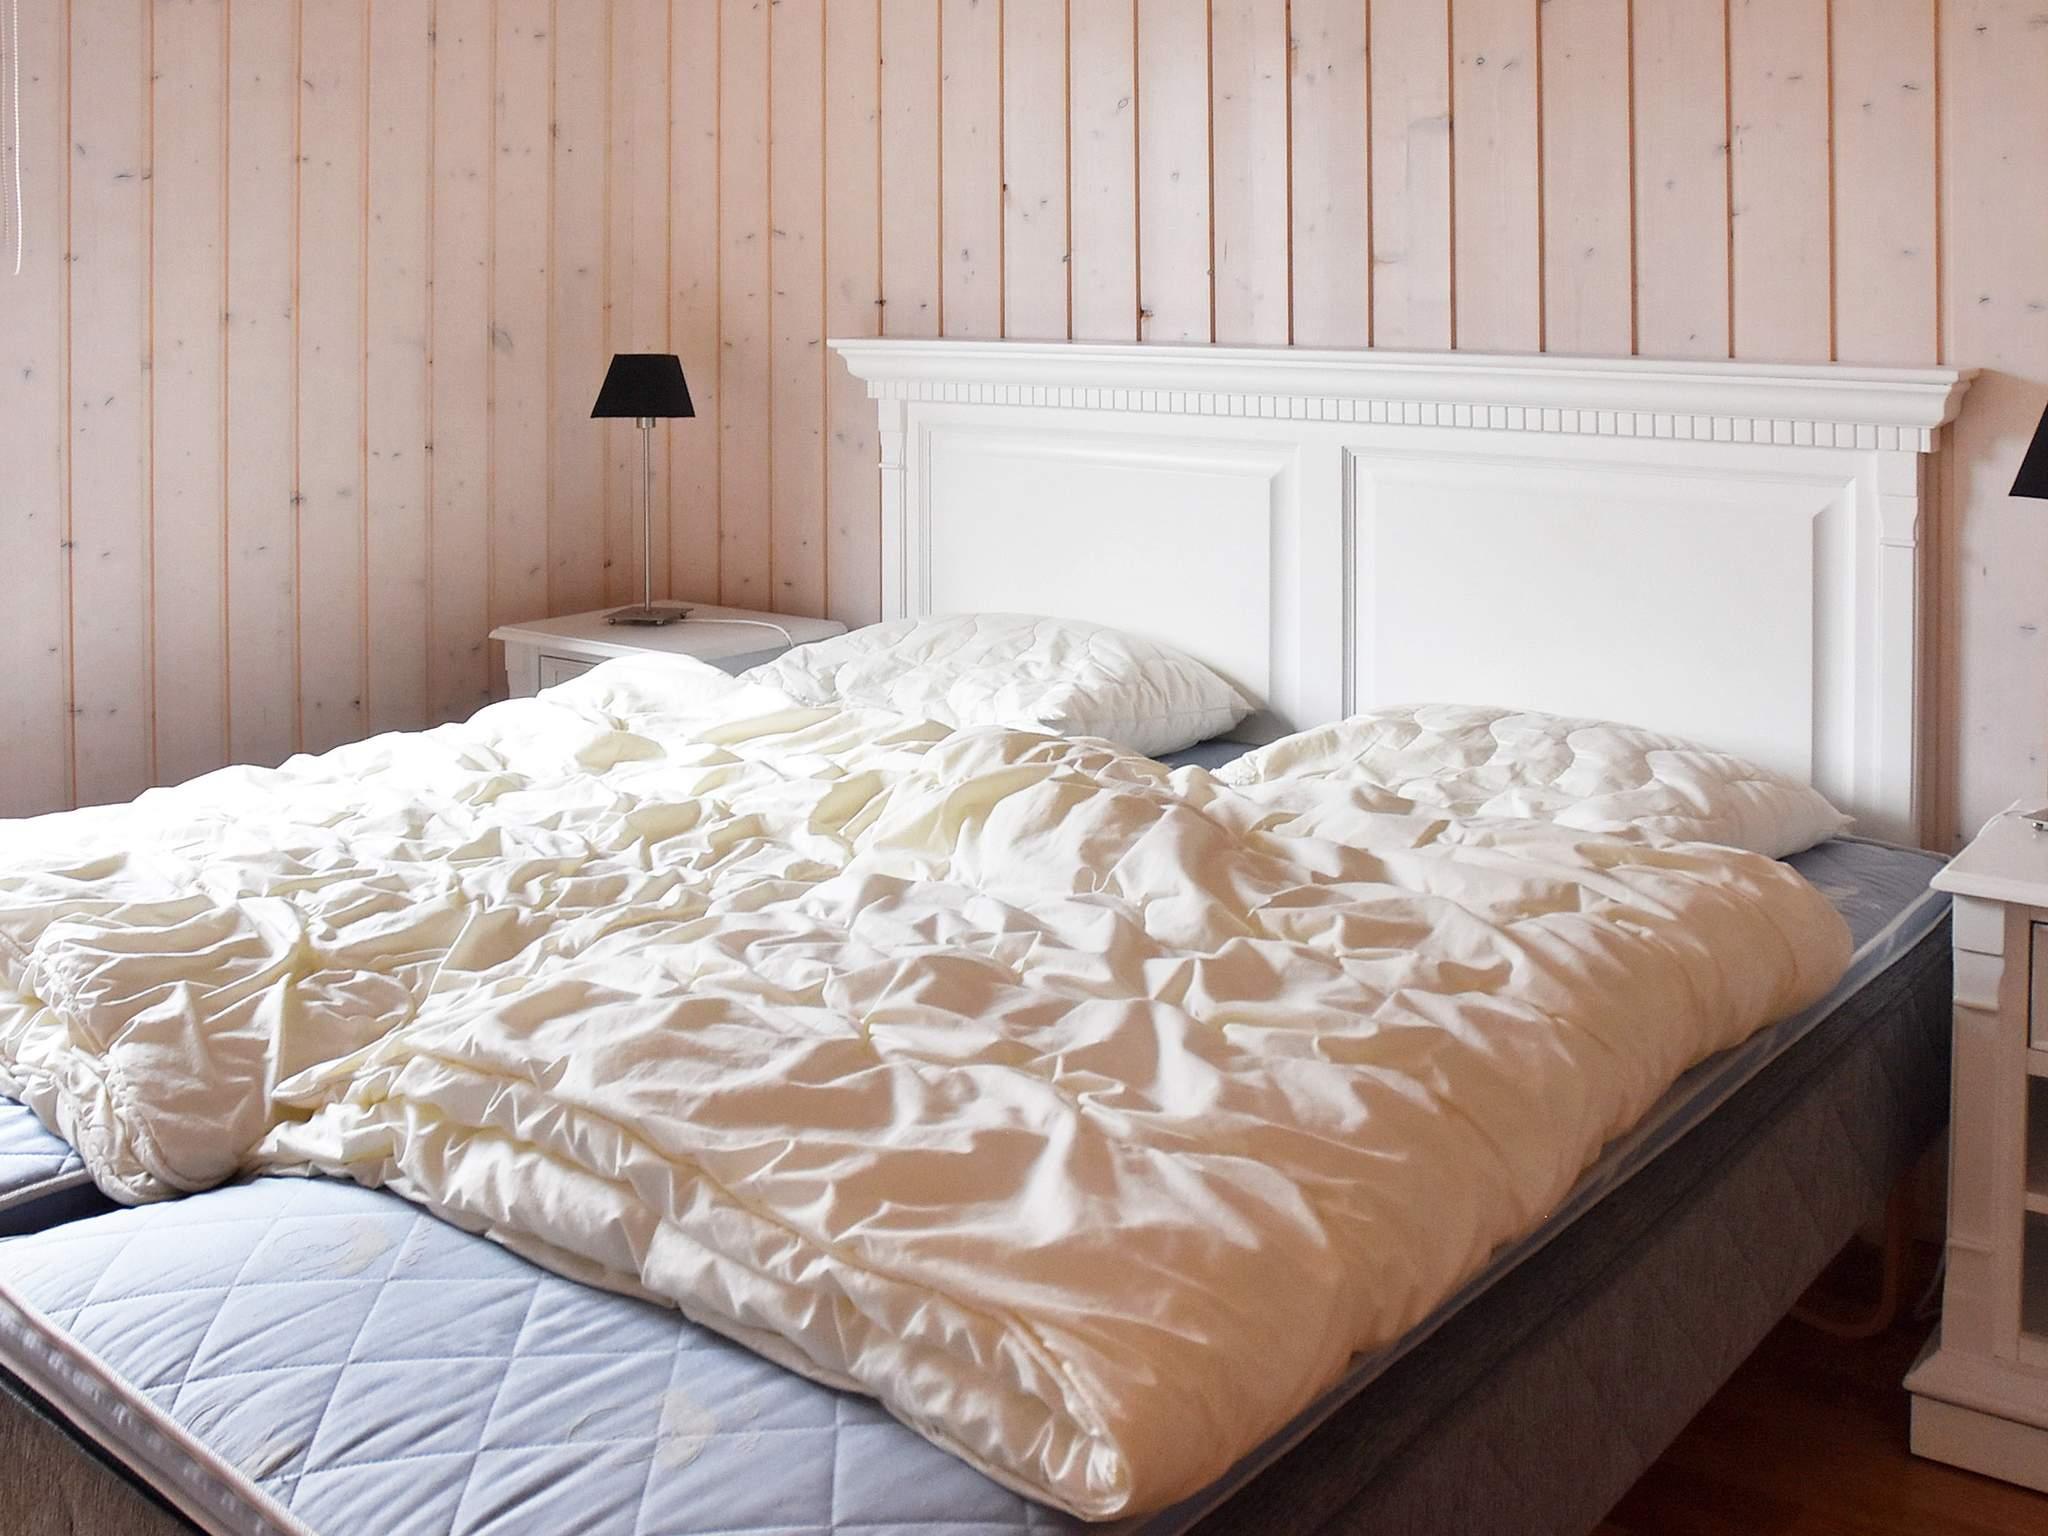 Ferienhaus Haugsbygda (252734), Haugsbygda, More - Romsdal, Westnorwegen, Norwegen, Bild 19